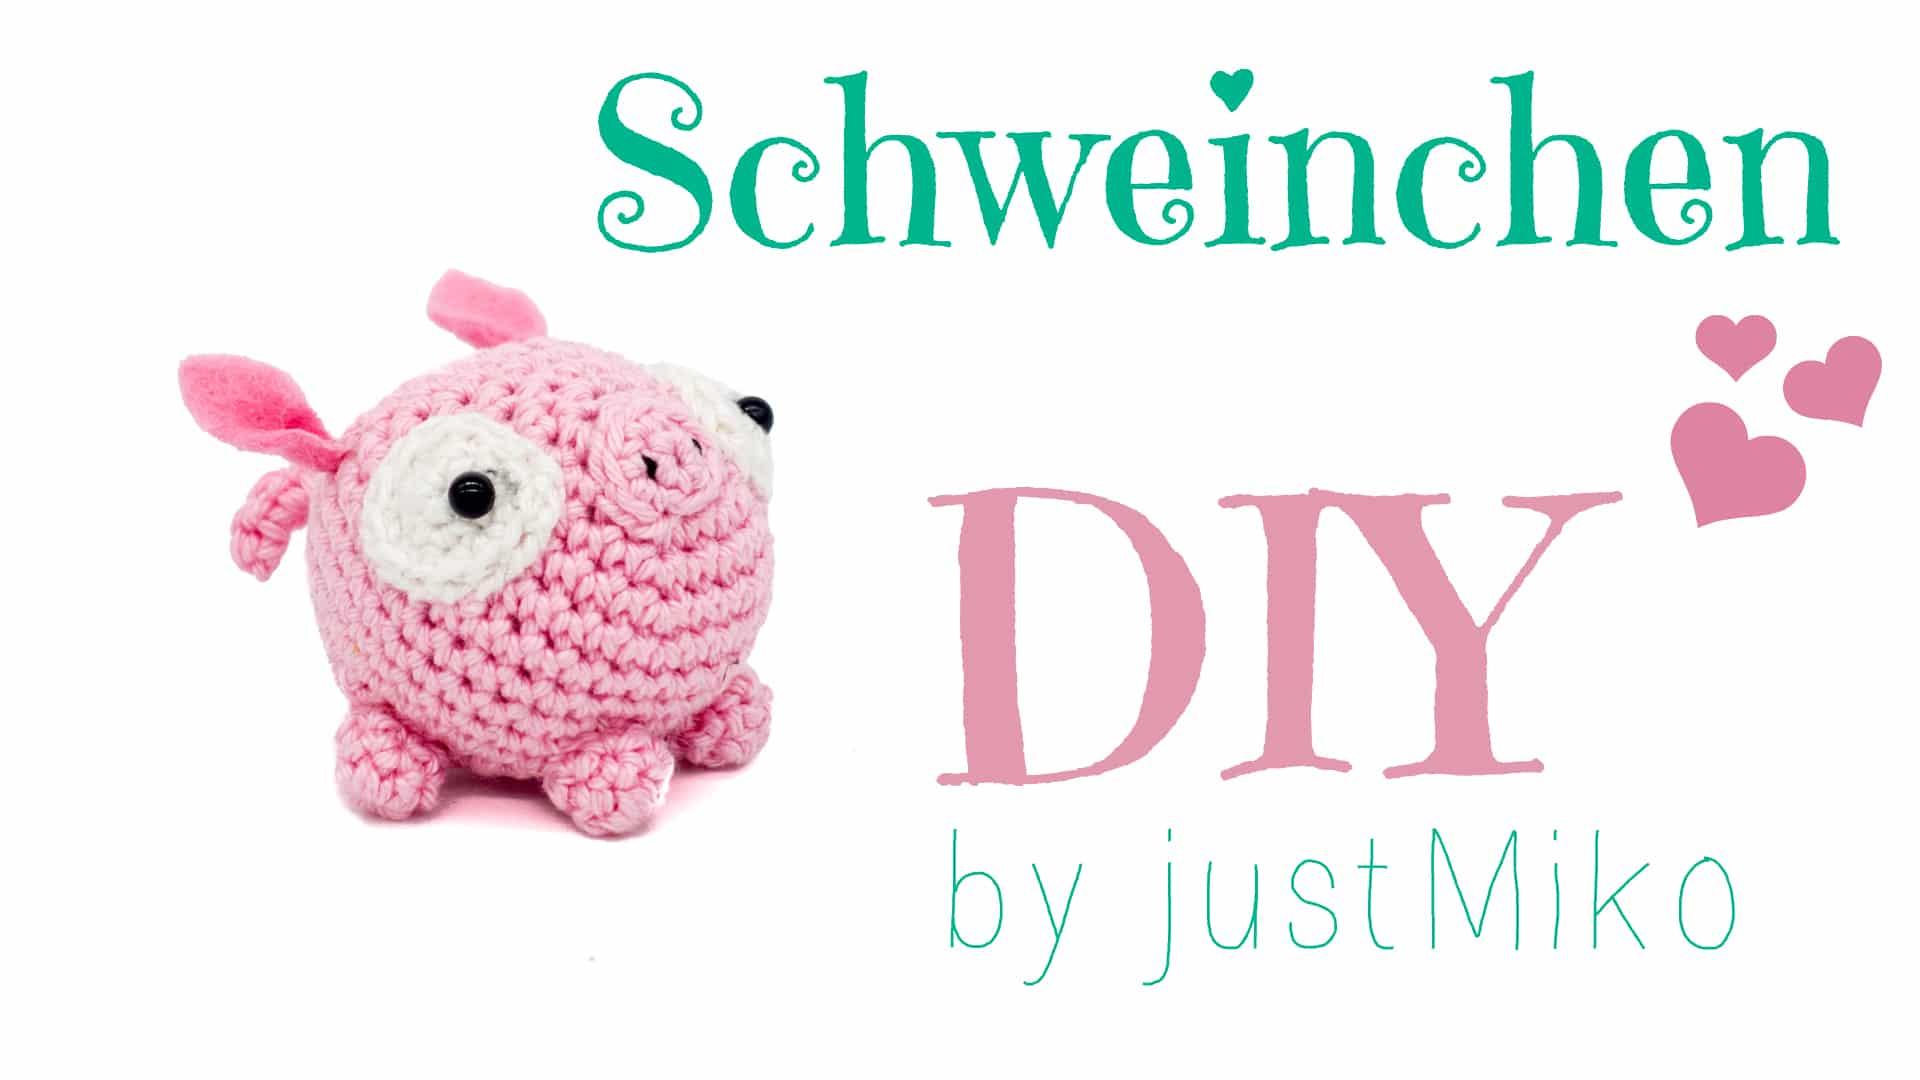 Schweinchen Justmikode Gratis Anleitungen Zum Häkeln Stricken